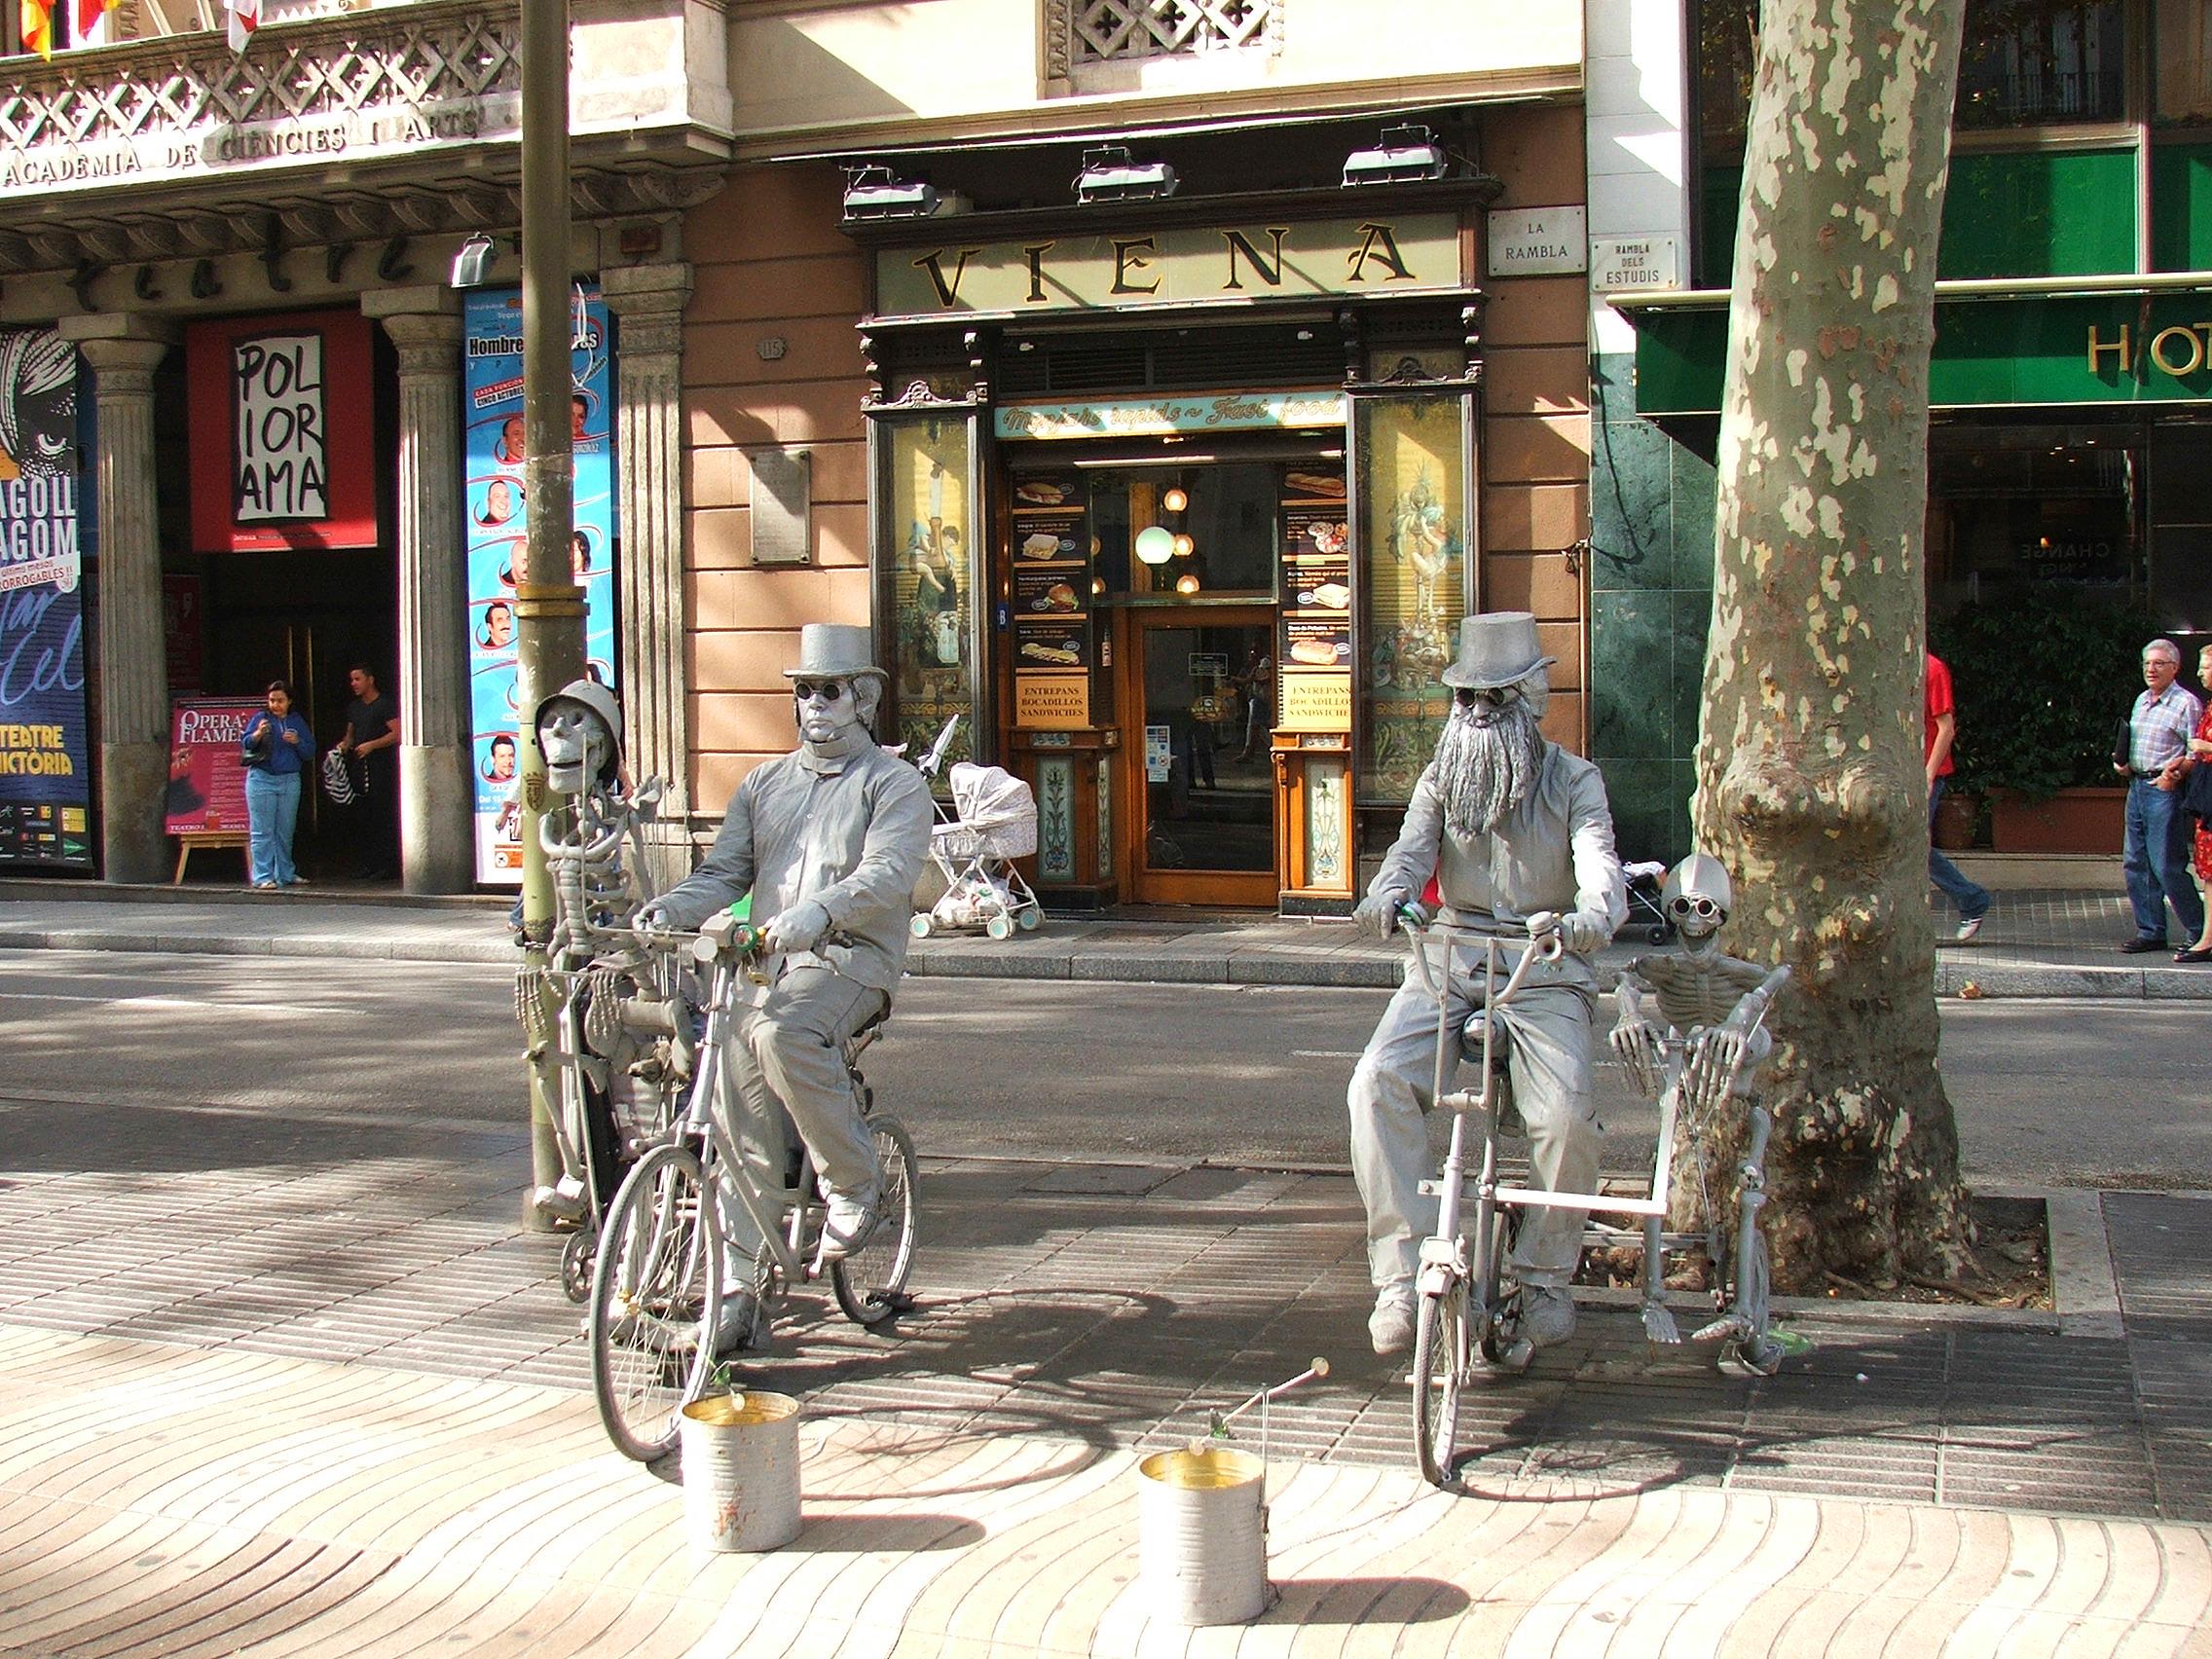 Las Ramblas, Barcelona, Spain.